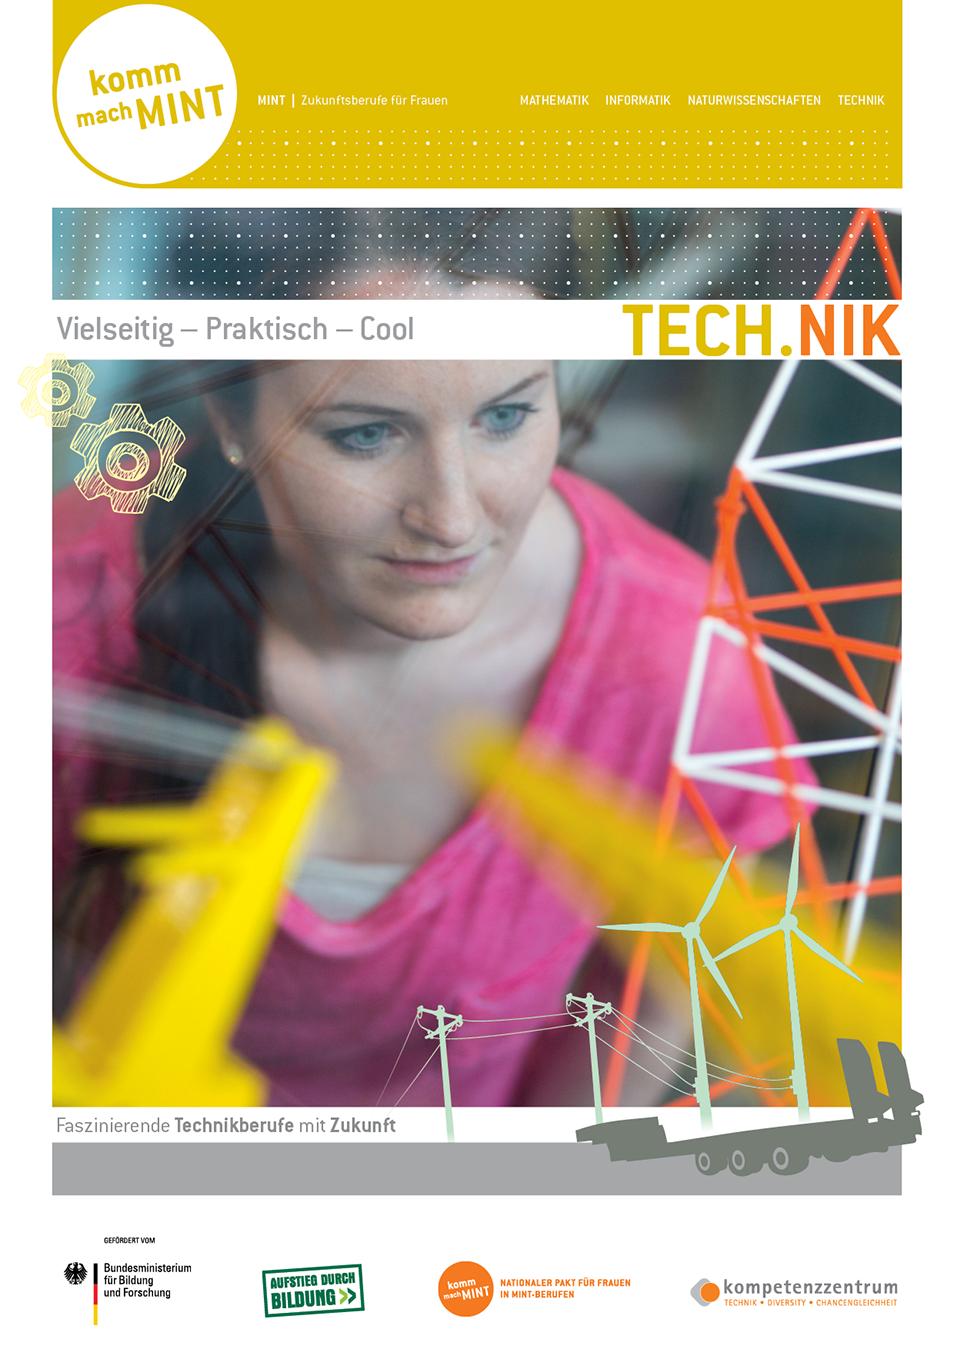 Titelbild der Technikbroschüre